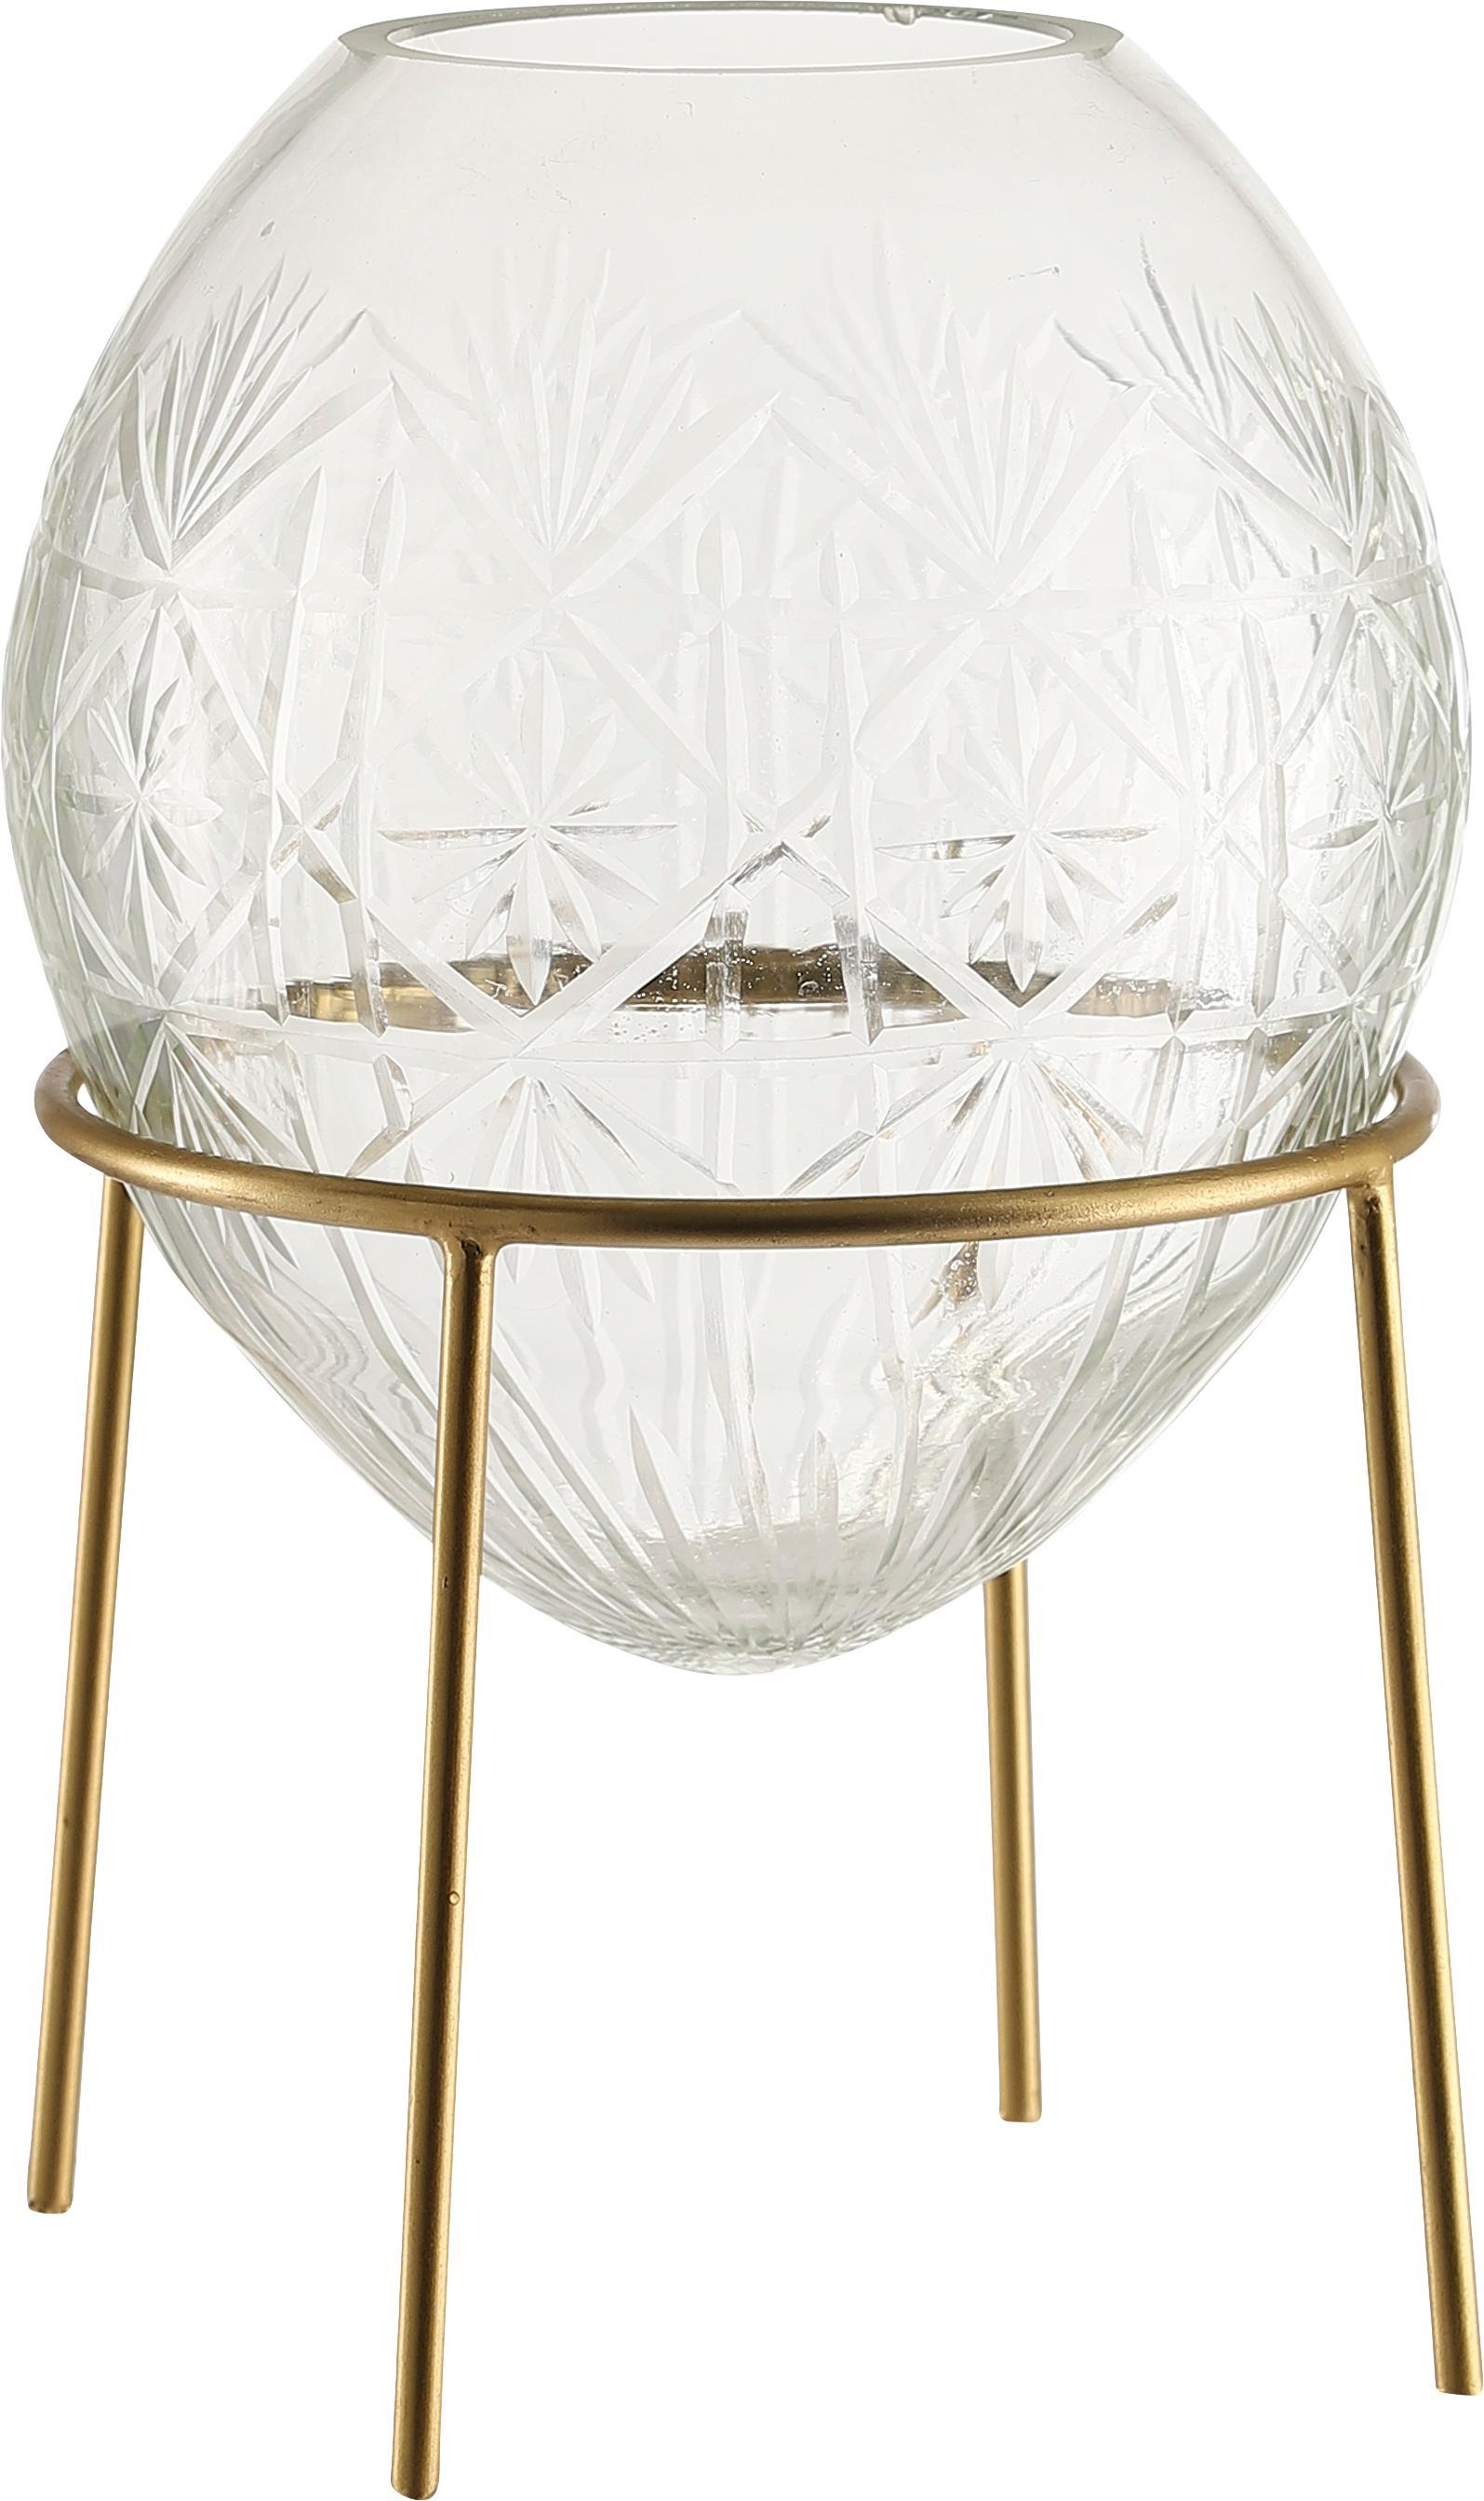 Vase Ronda, Gestell: Metall, beschichtet, Vase: Glas, Goldfarben, Transparent, Ø 19 x H 22 cm